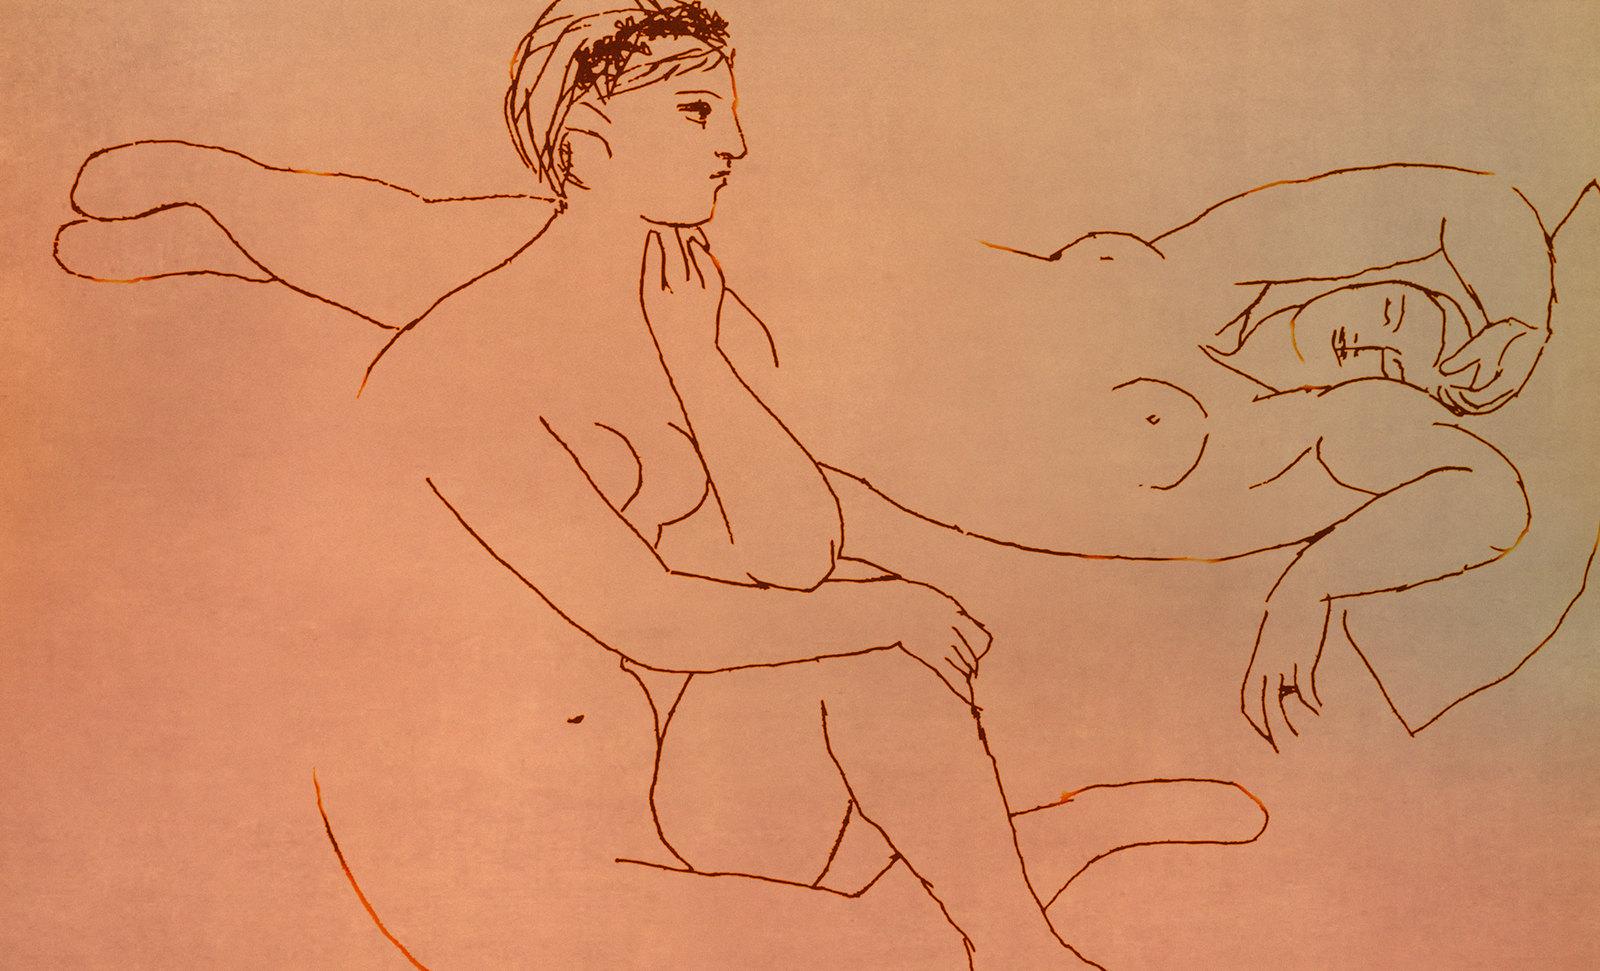 086Pablo Picasso